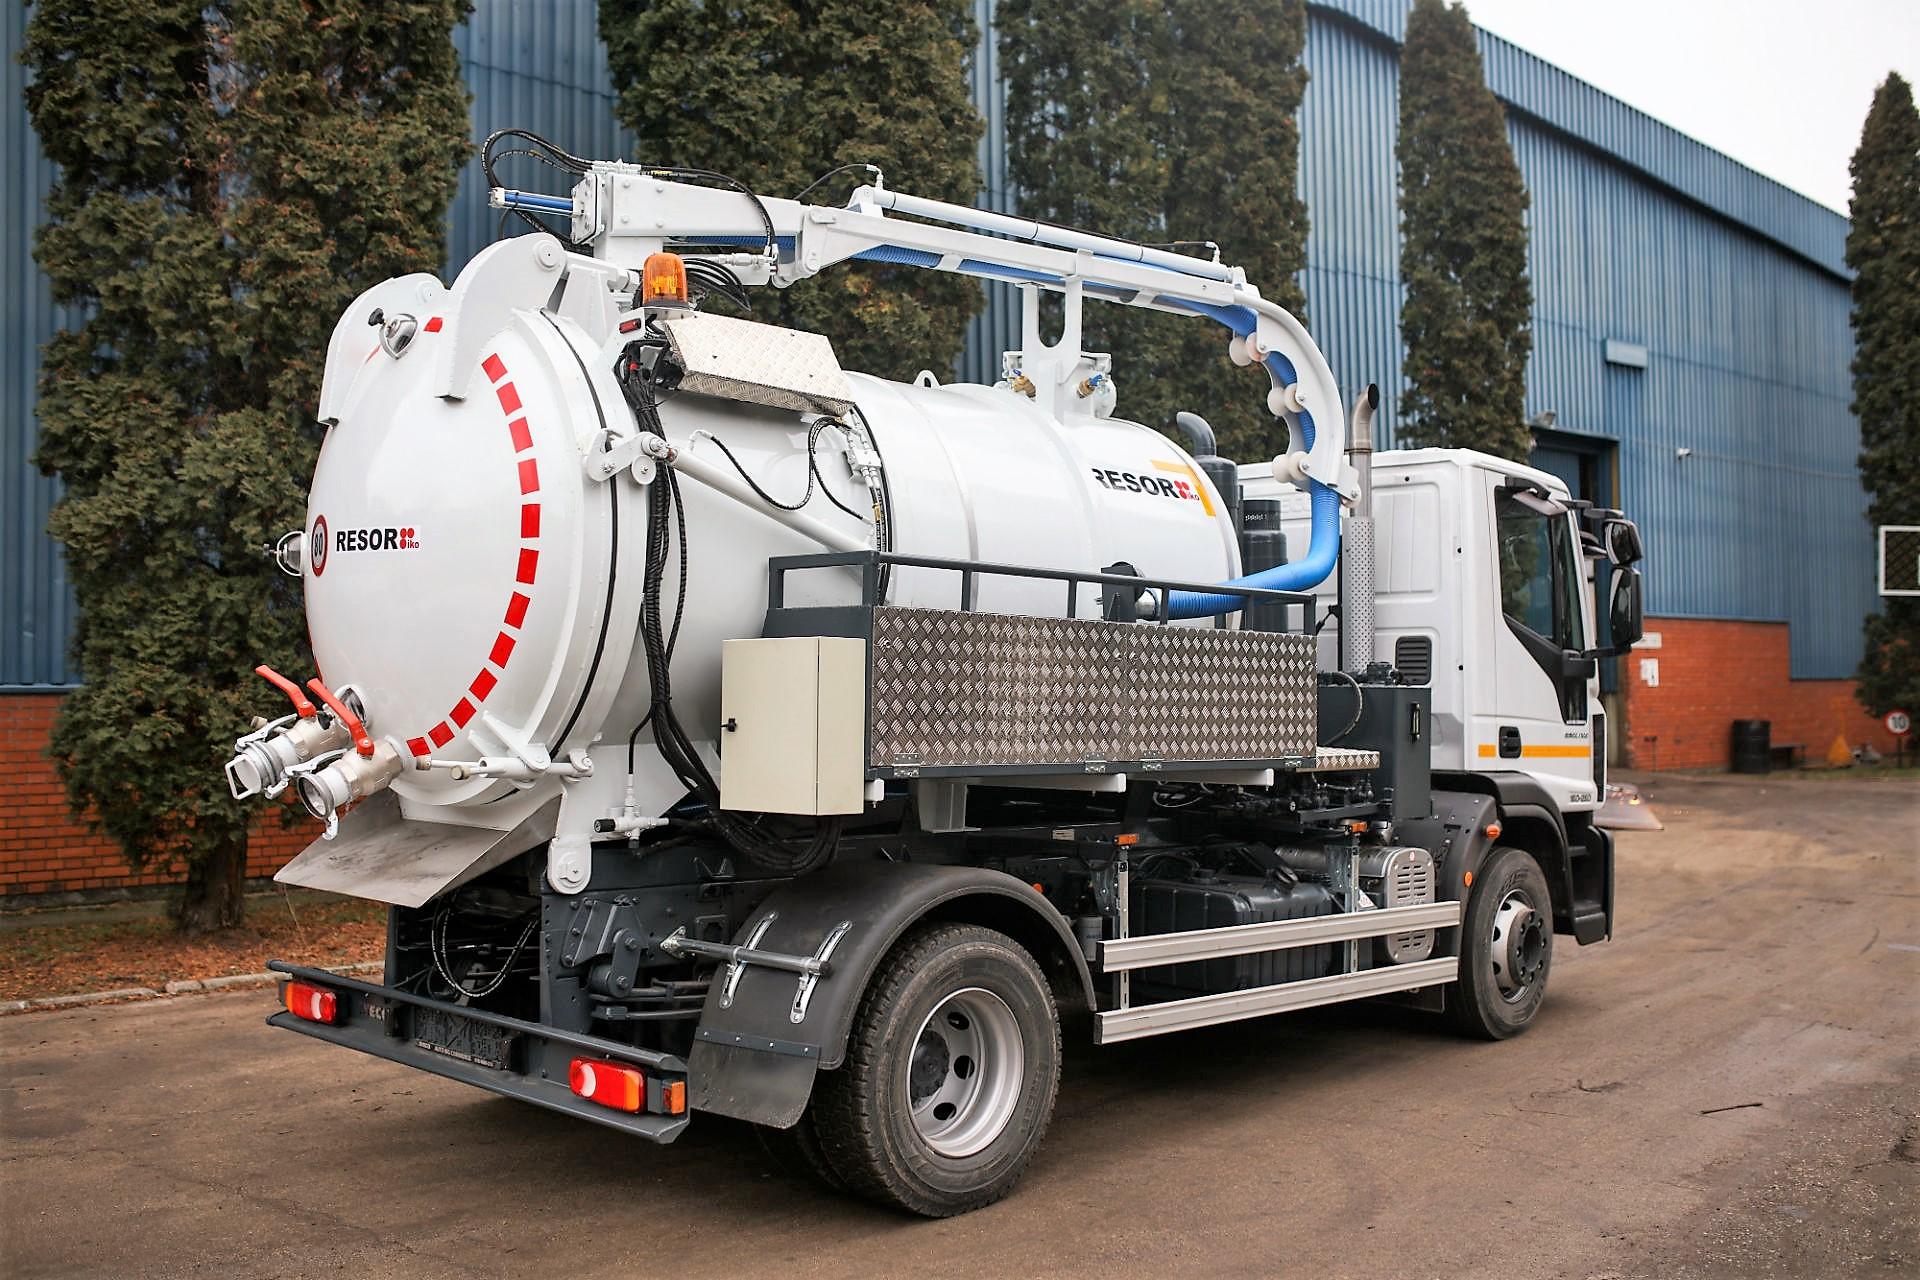 Autofekalac za pražnjnje septičkih jama i ispiranje Dizajniran je za prikupljanje i transport otpadnih voda, fekalija i drugih gustih tekućina. Odeljak za odlaganje može biti zapremine od 4m³ do 16m³ u zavisnosti od potreba naručioca Kanal-jet – Vozilo za probijanje i usisavanje Posebno kombinirano vozilo Kanal-Jet koristi se za usisavanje gustih tekućina putem vakuumskih pumpi, kao i za čišćenje kanalizacije sustavom vode pod pritiskom. Obje se funkcije mogu izvoditi neovisno i istodobno. Volumen spremnika za vodu može biti od 1m³ do 6m³, dok volumen spremnika za guste tekućine može biti od 2m³ do 12m³. Polu-Kanal-jet – Vozilo za probijanje i usisavanje Omogućuje brzo, higijensko i sigurno čišćenje industrijske, gradske i kućne kanalizacije. Čišćenje se vrši mlazom vode pod visokim pritiskom. Osnovni elementi su: spremnik za vodu zapremine 3m³ do 10m³